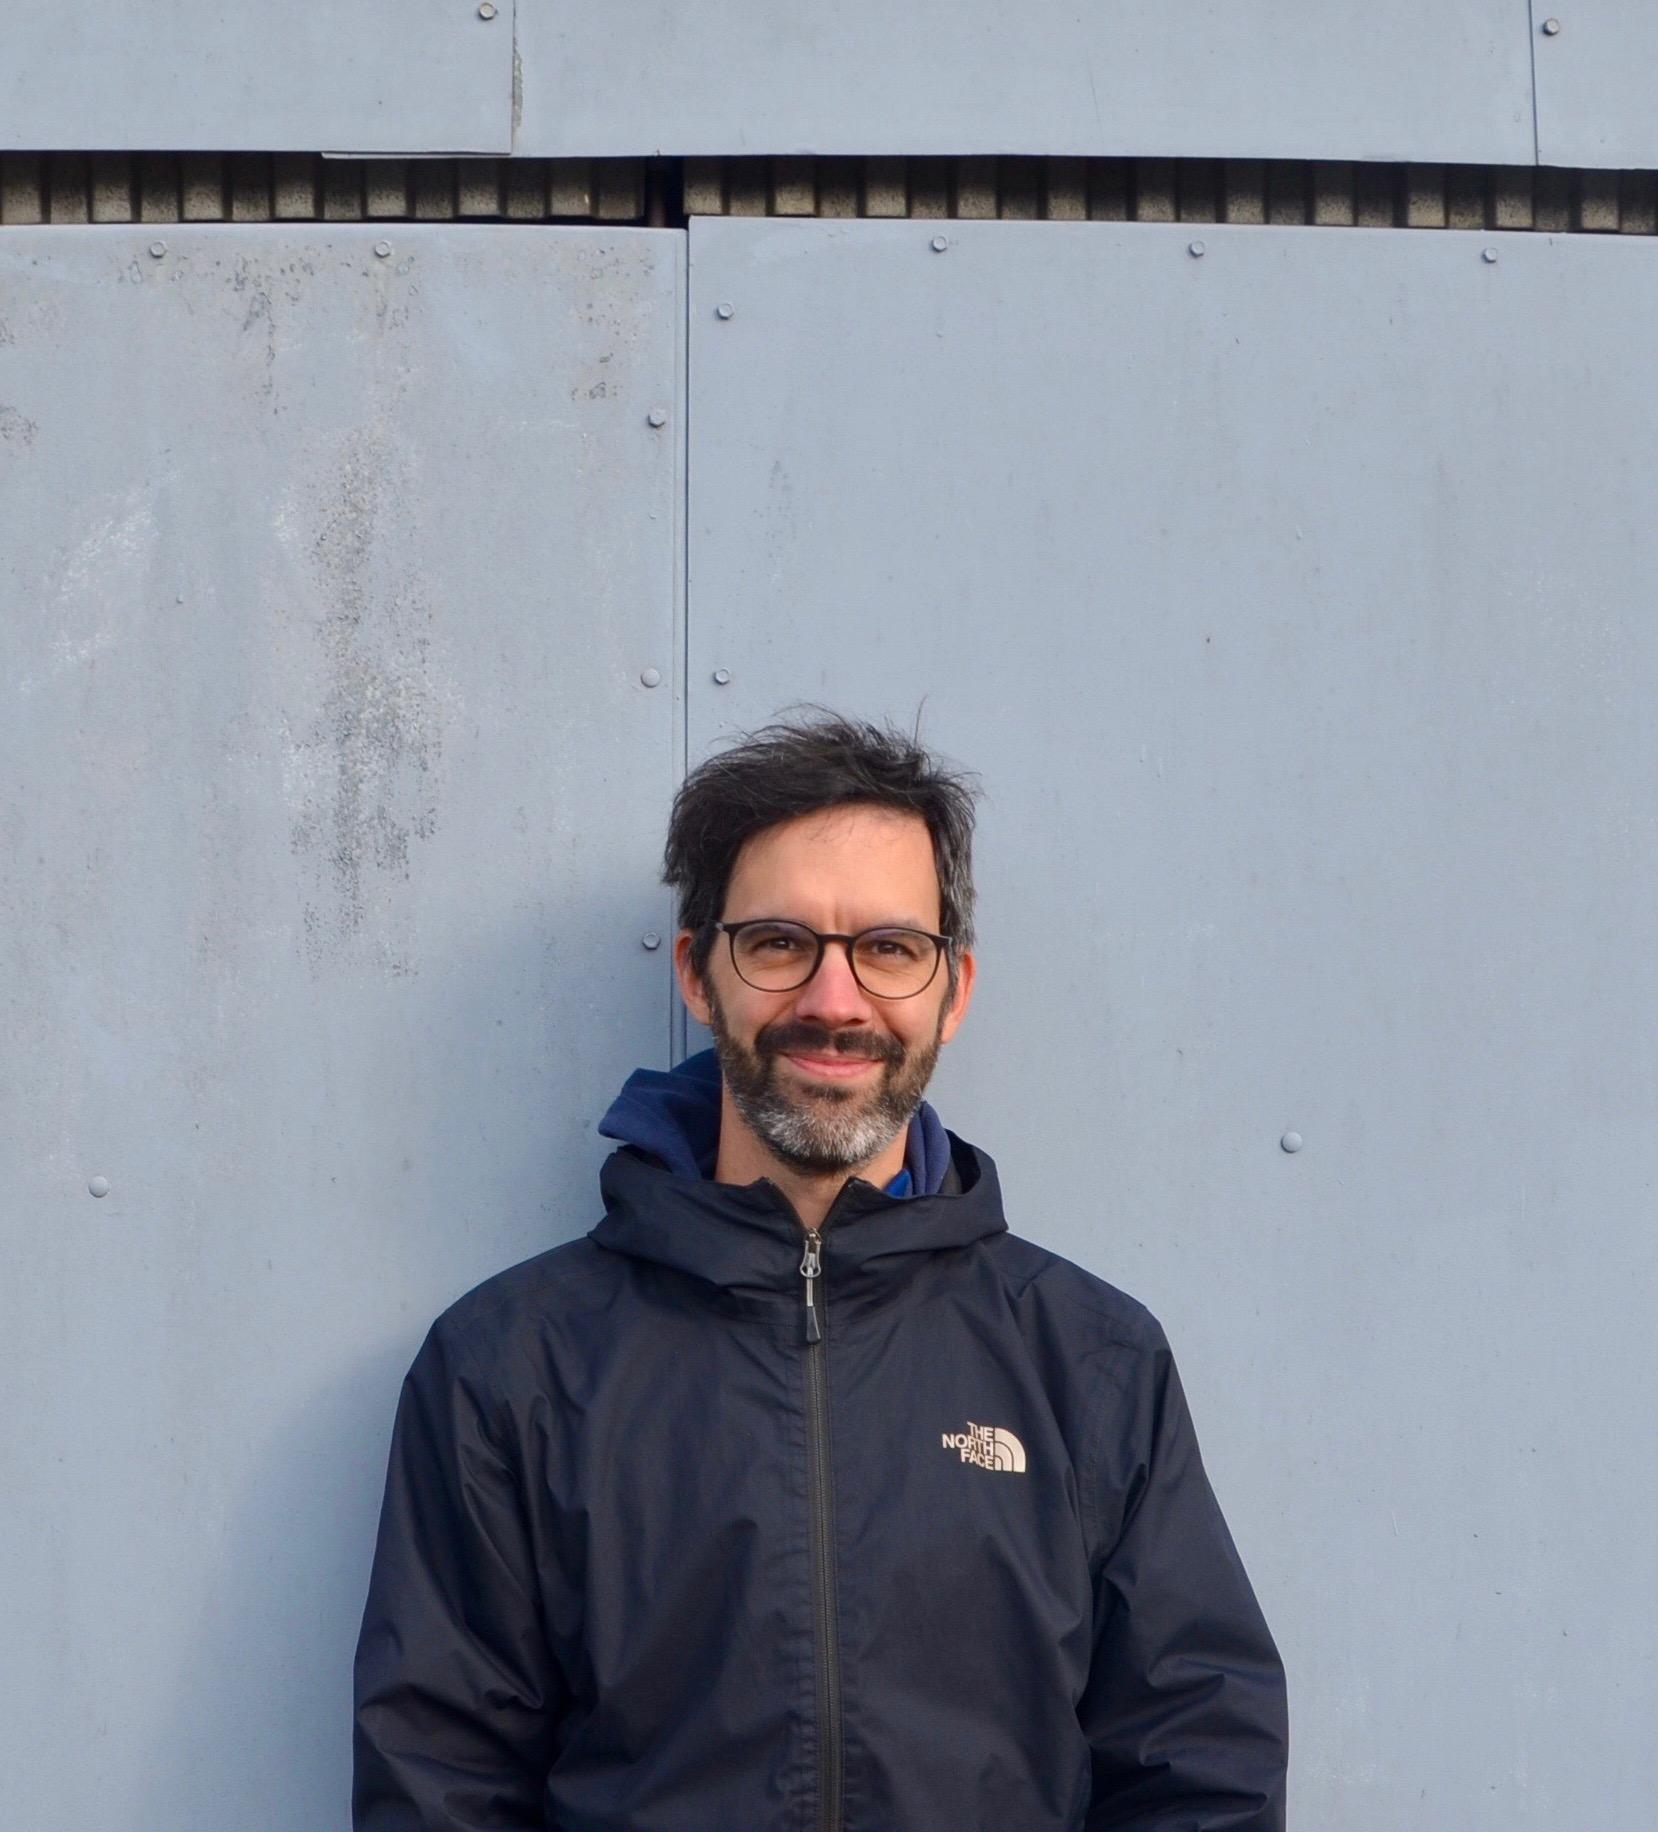 Autorenfoto Stefan Thoben